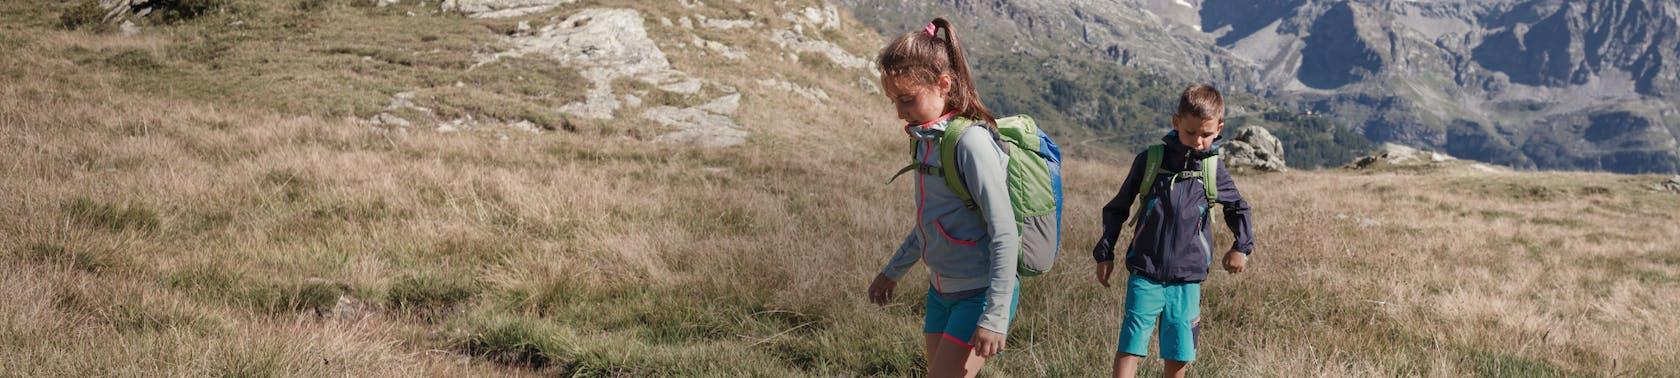 Onlineshop Wandern Kinder